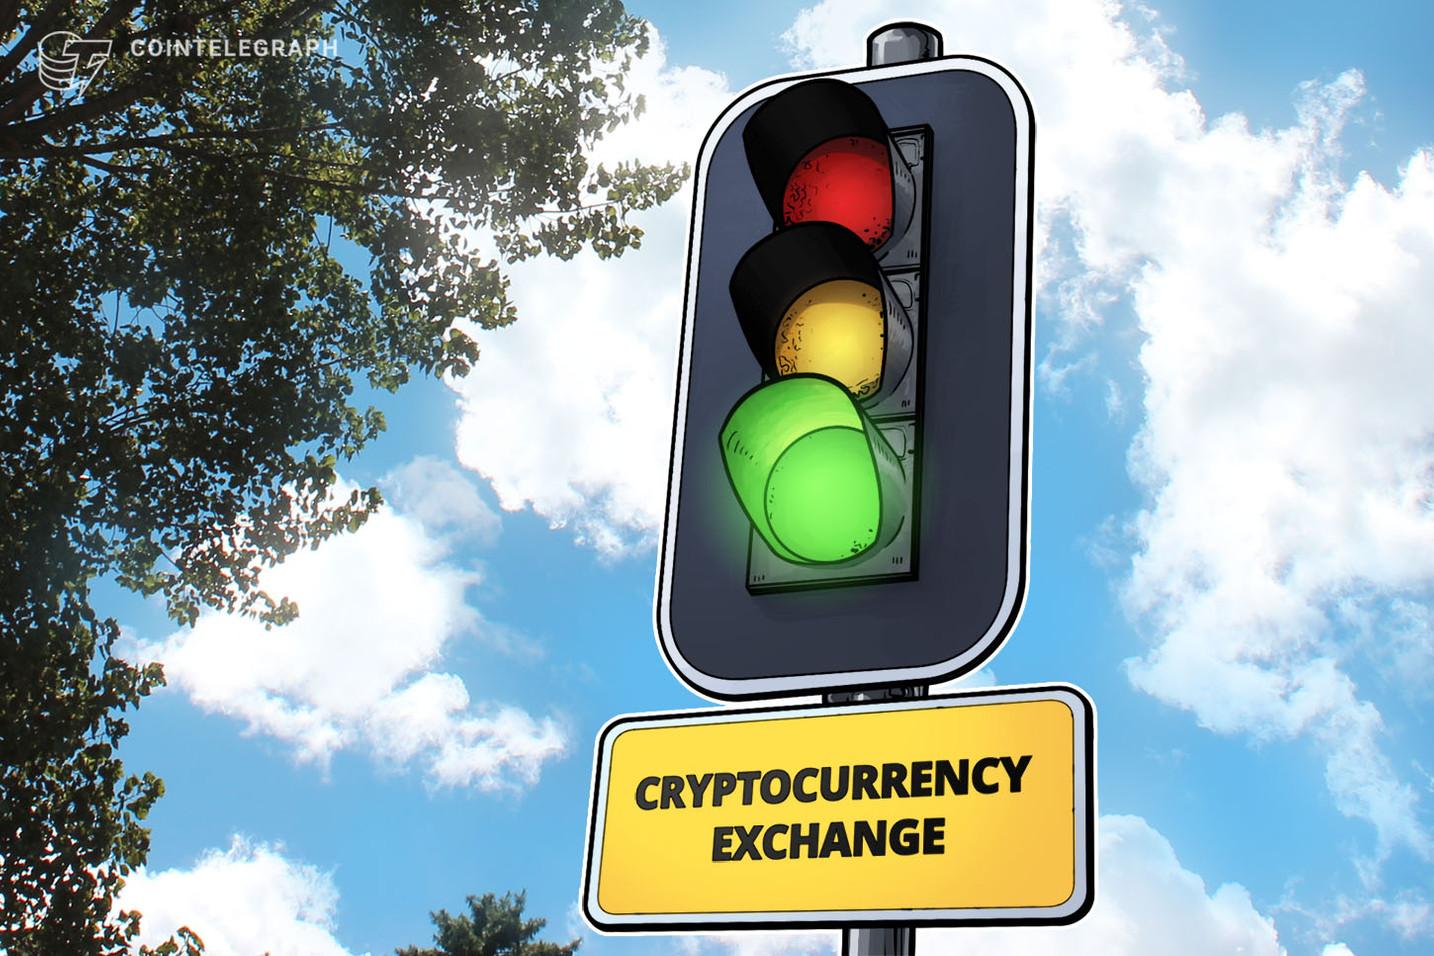 ハッキングを受けた仮想通貨取引所クリプトピア ニュージーランドの警察当局「いつでも再開は可能」